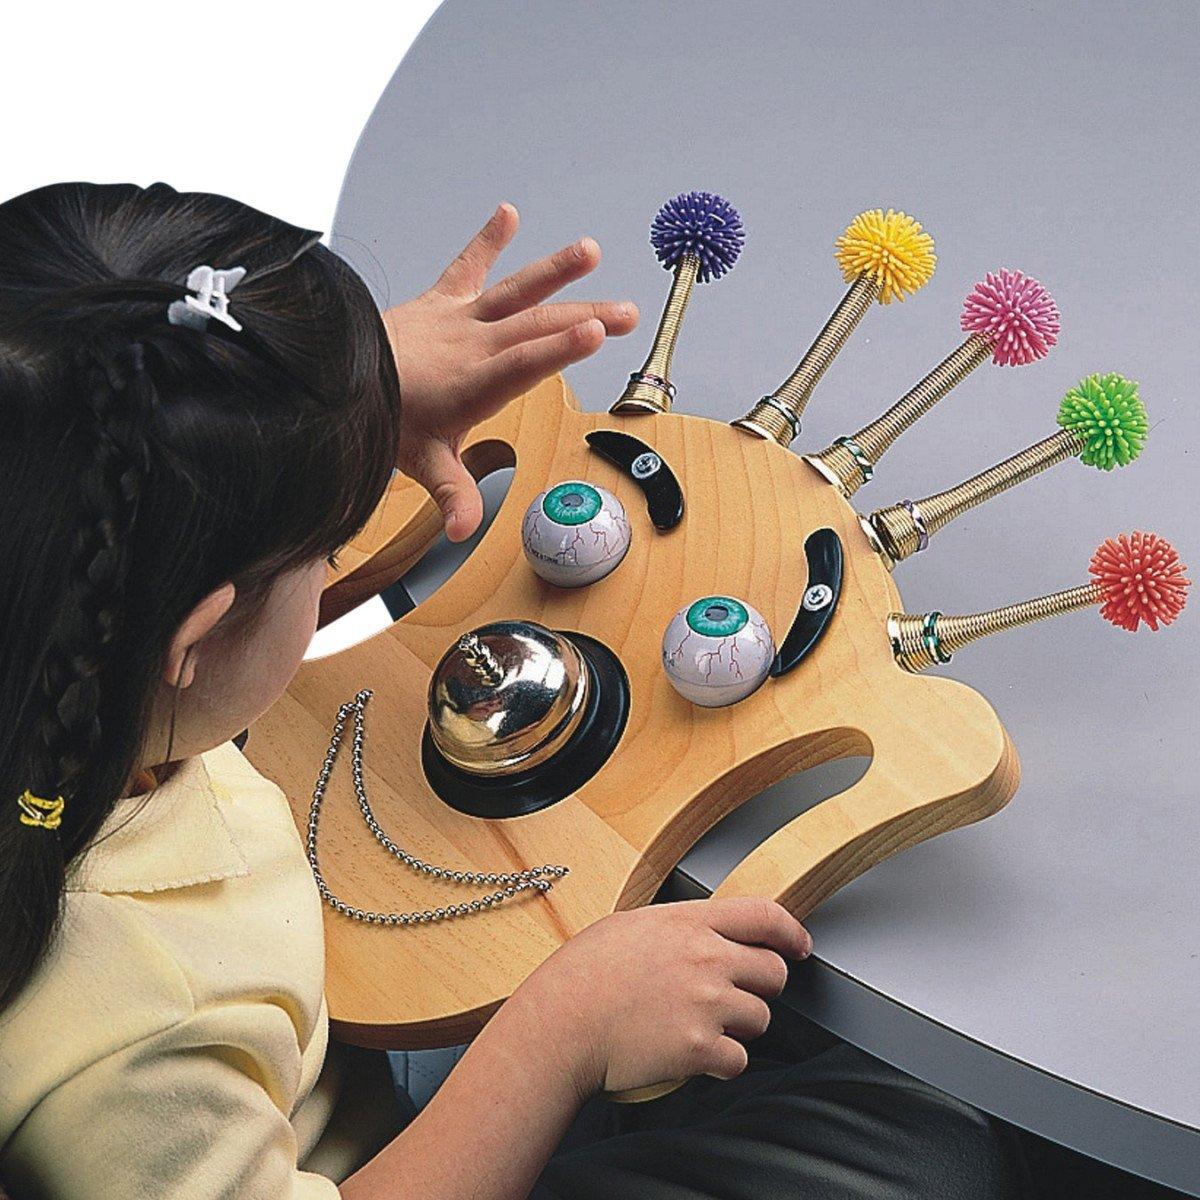 Spike Sensory Stimulation Board